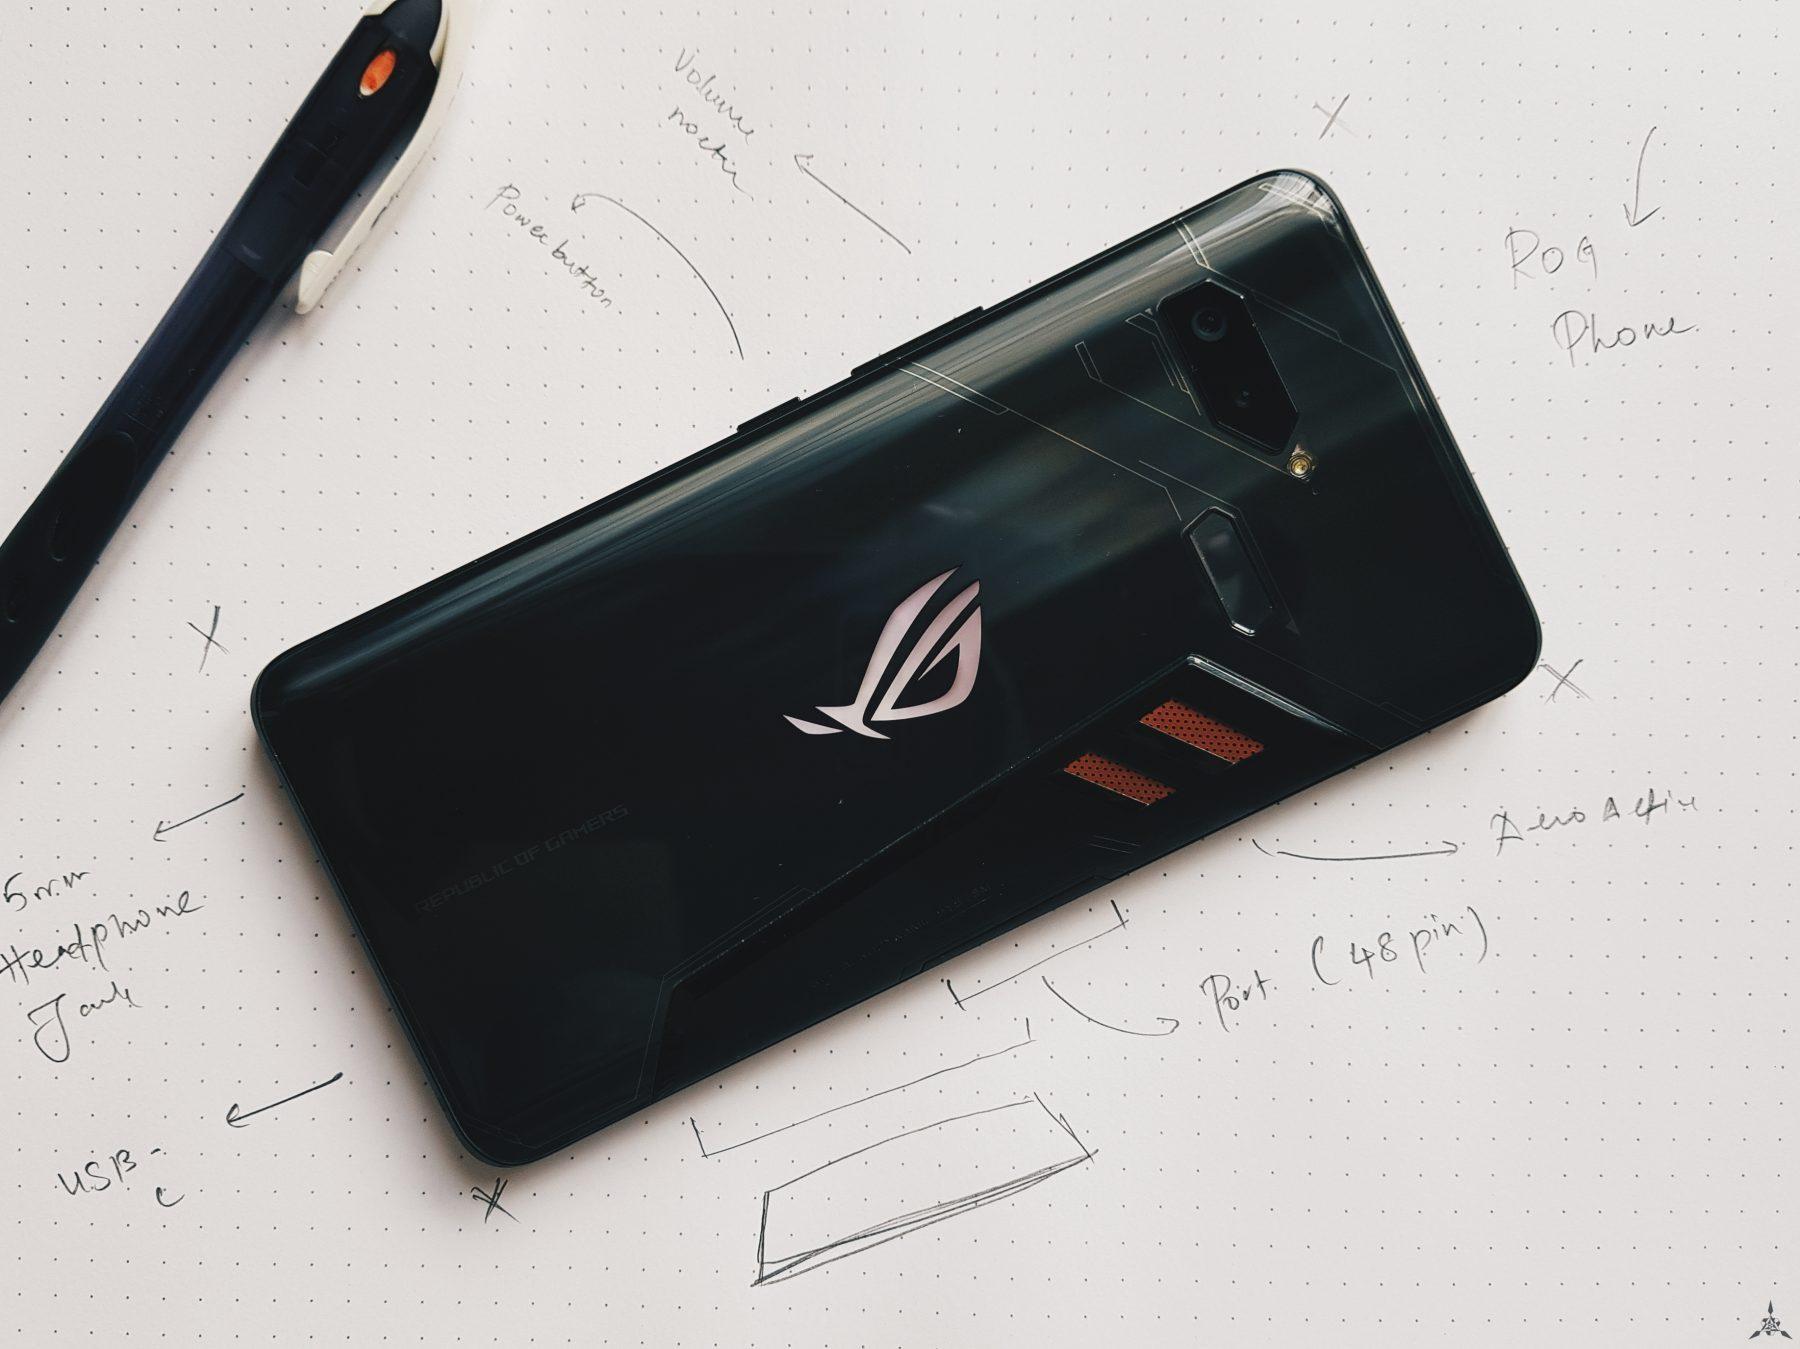 第一代 Asus ROG Phone